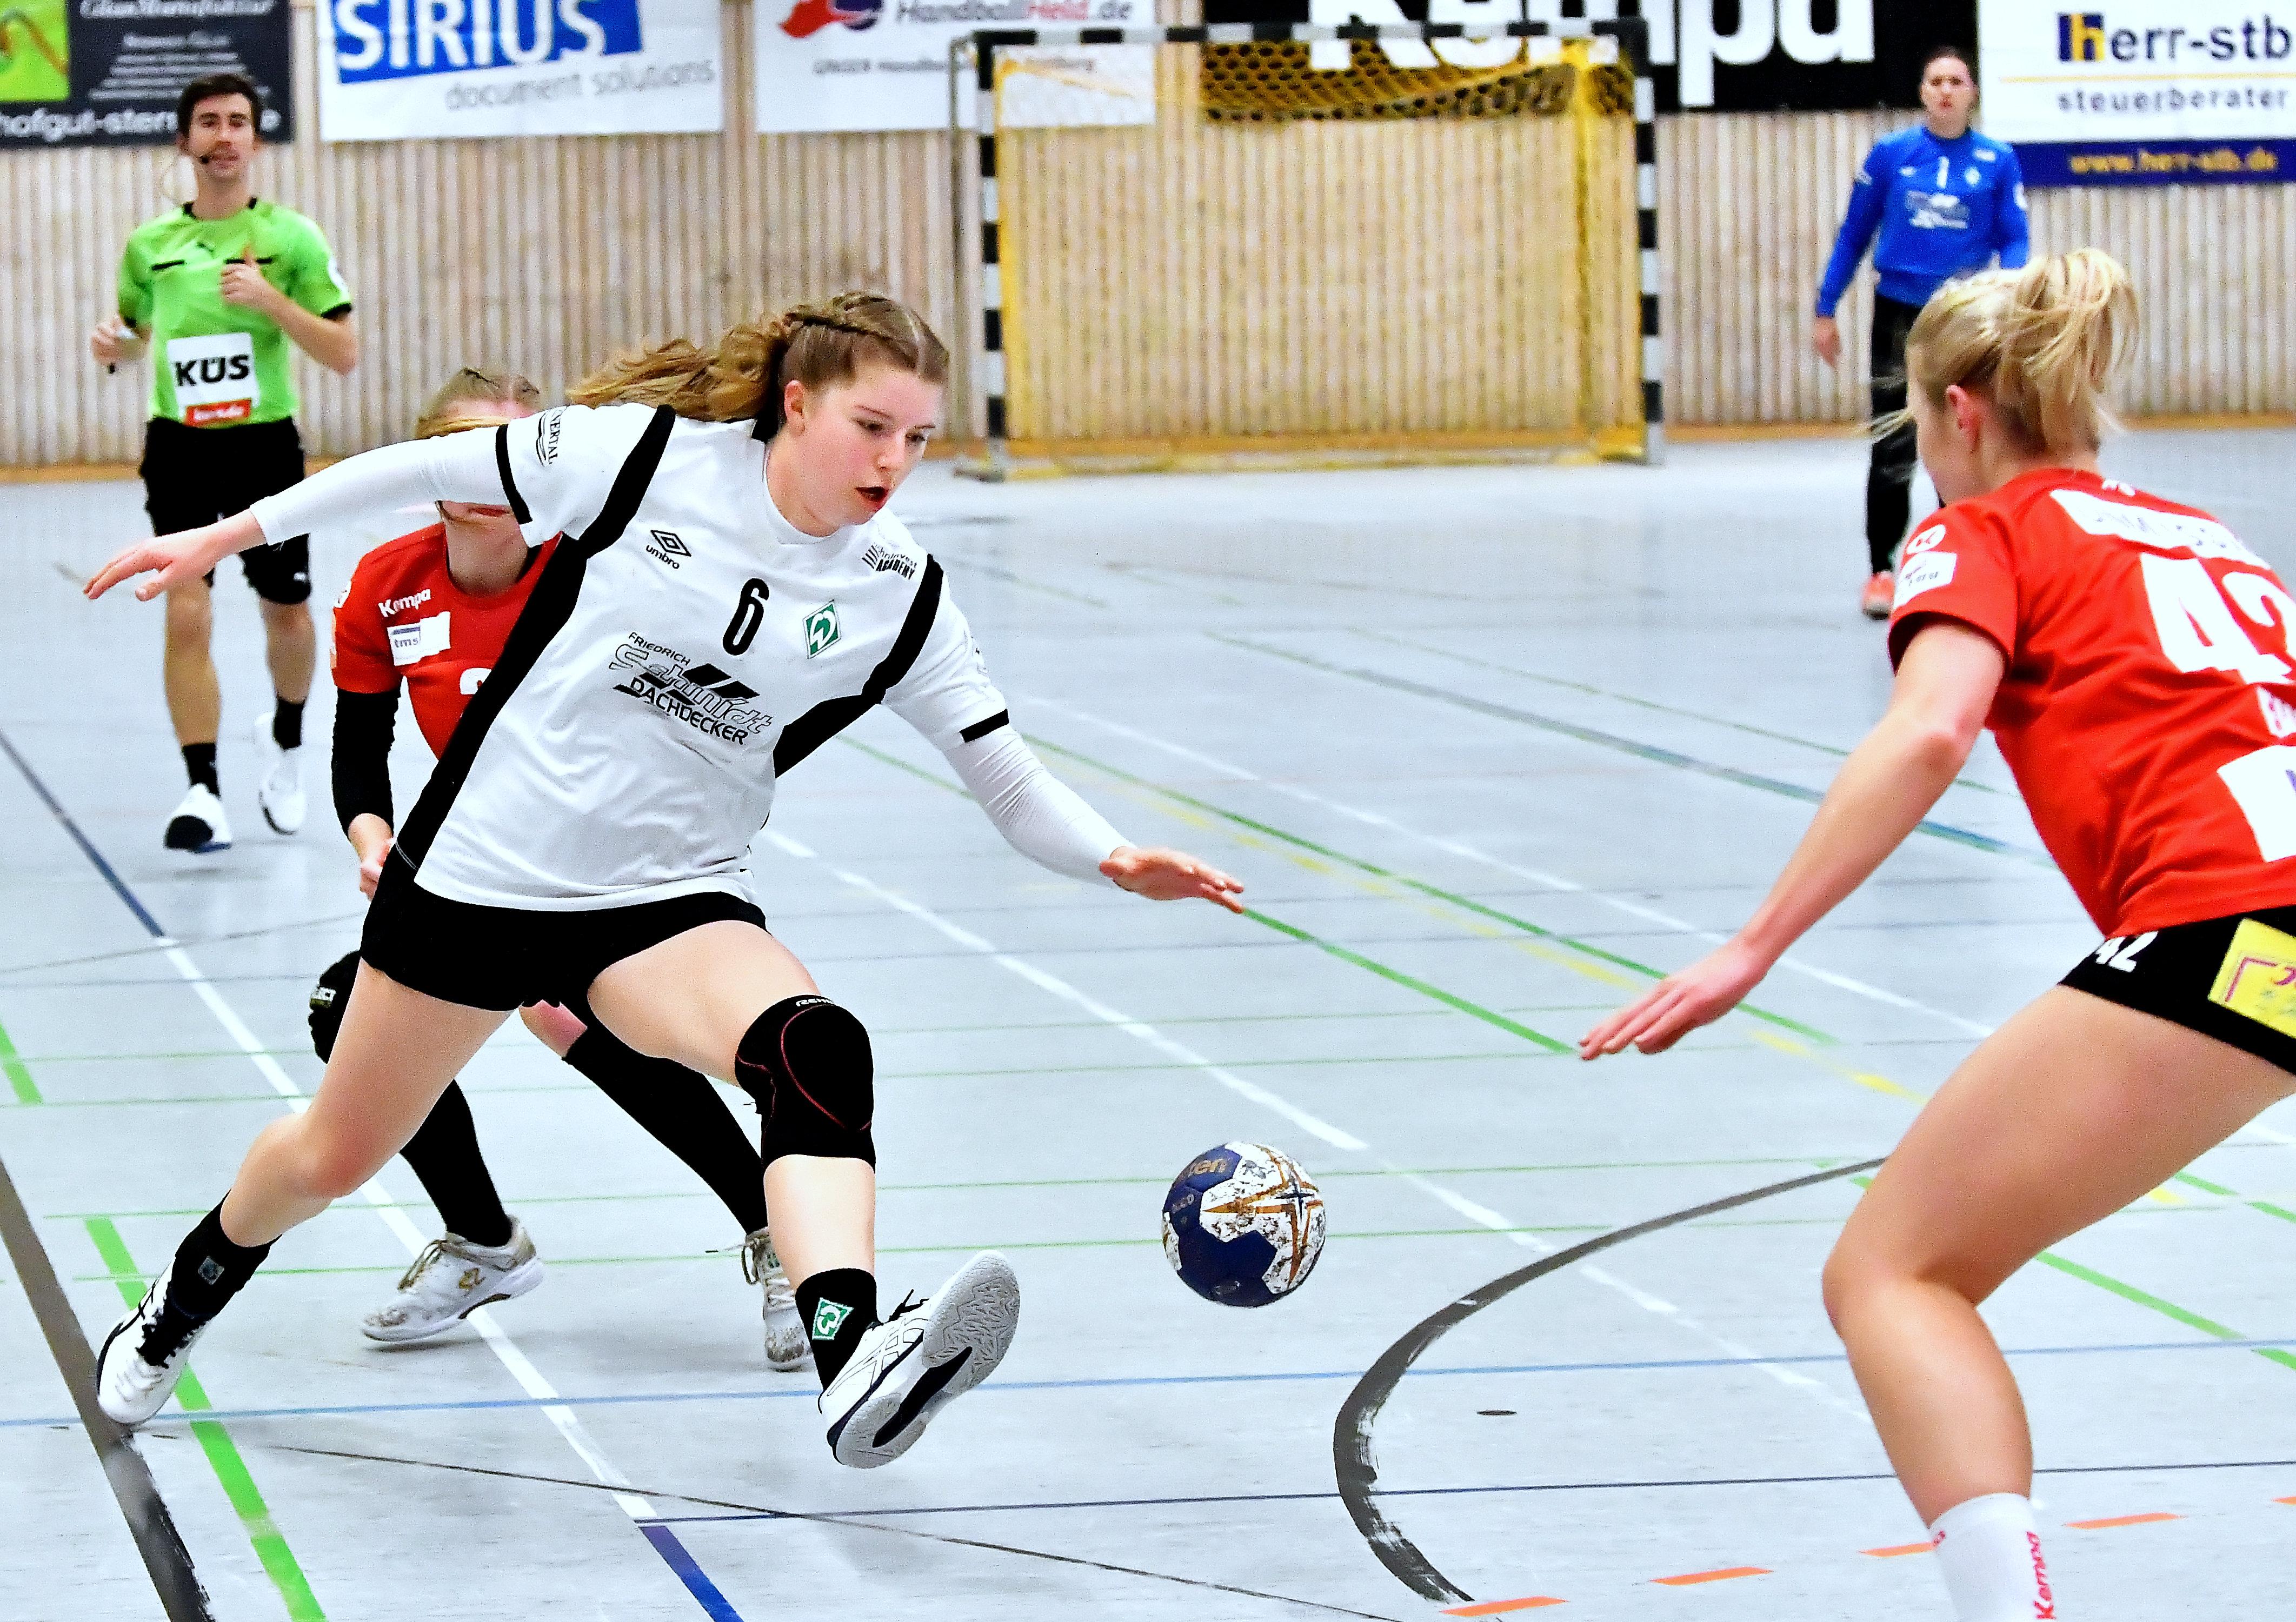 Engel_Nina_2021-01-16_SV_Werder_Bremen_0